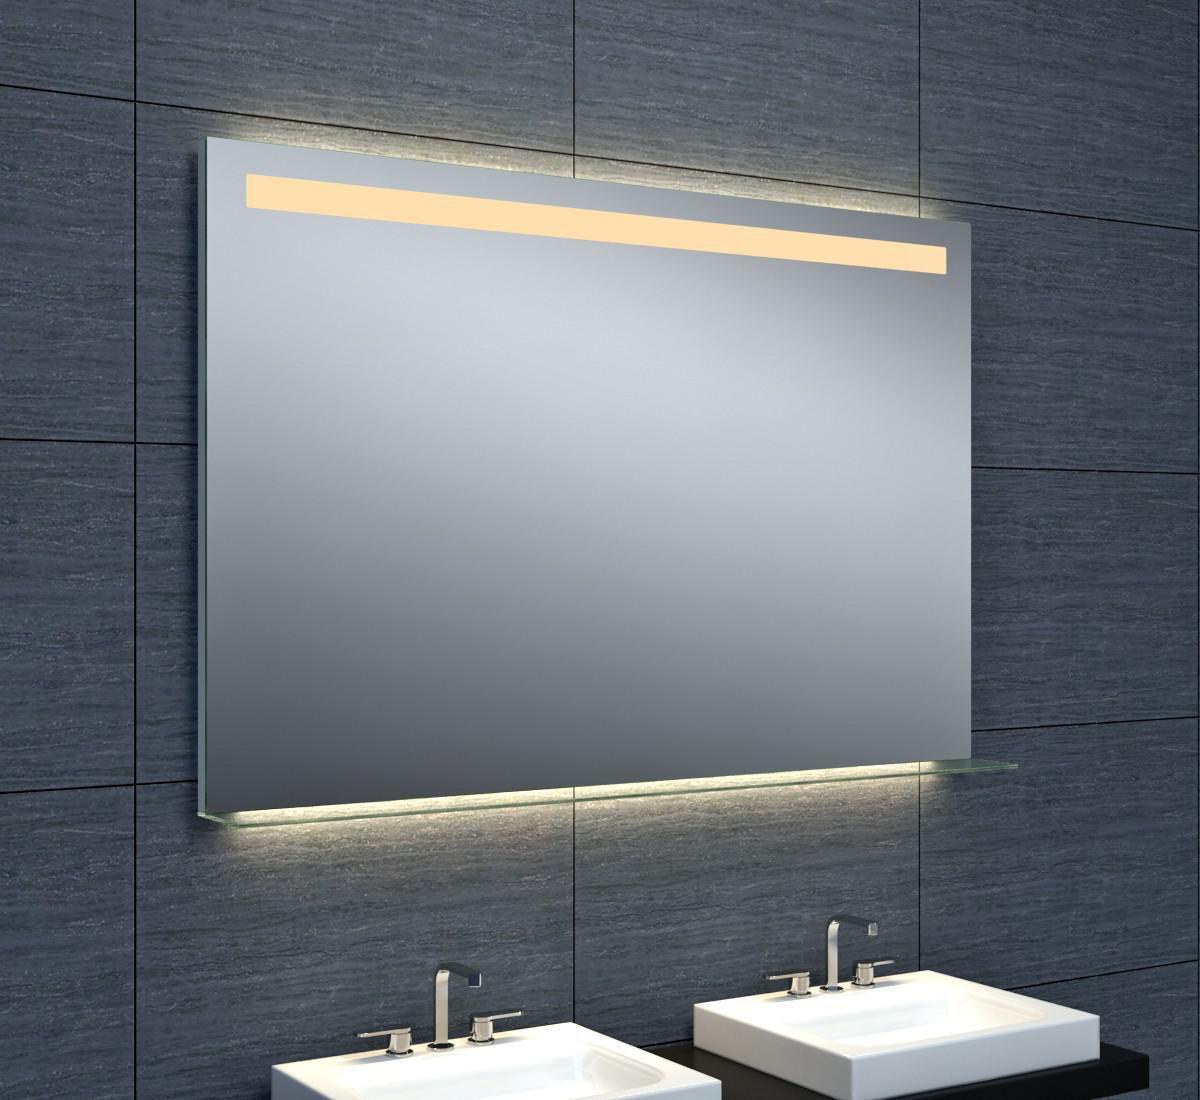 Tablette Salle De Bain 80 Cm miroir dubai éclairage led avec tablette en verre 120 x hauteur 80 cm